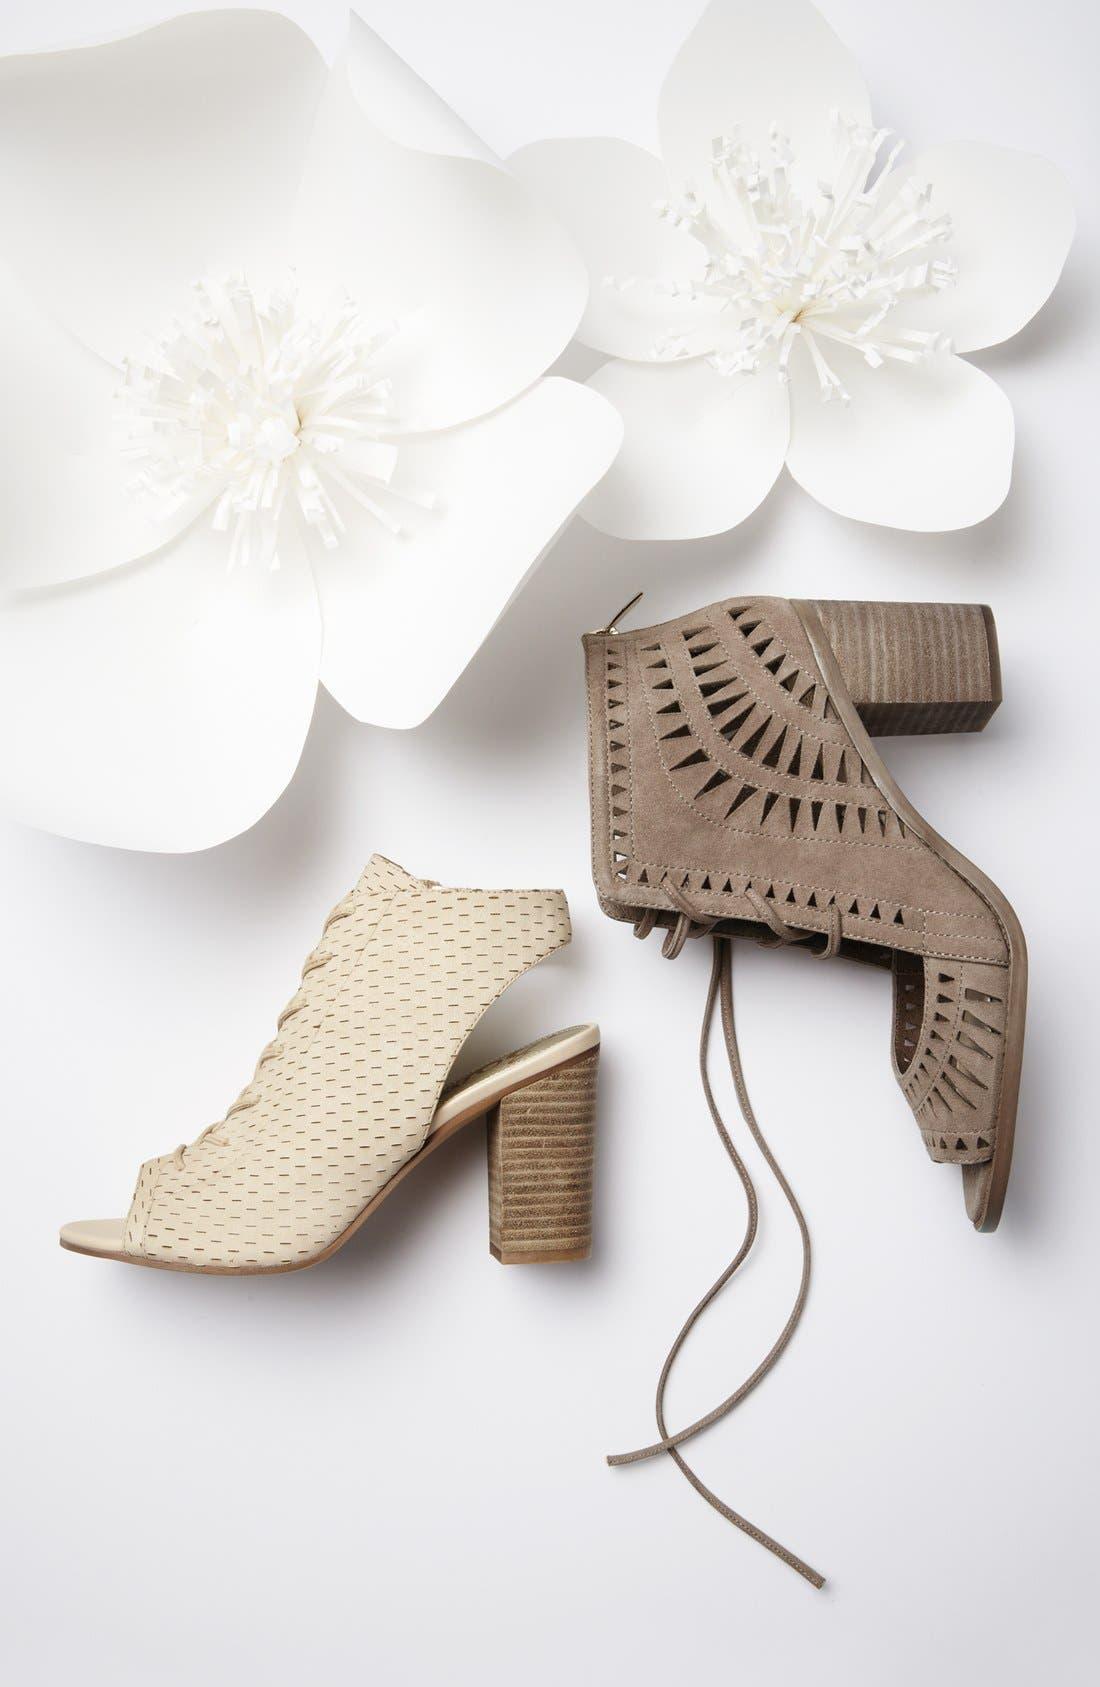 VINCE CAMUTO, 'Tarita' Cutout Lace-Up Sandal, Main thumbnail 1, color, 600